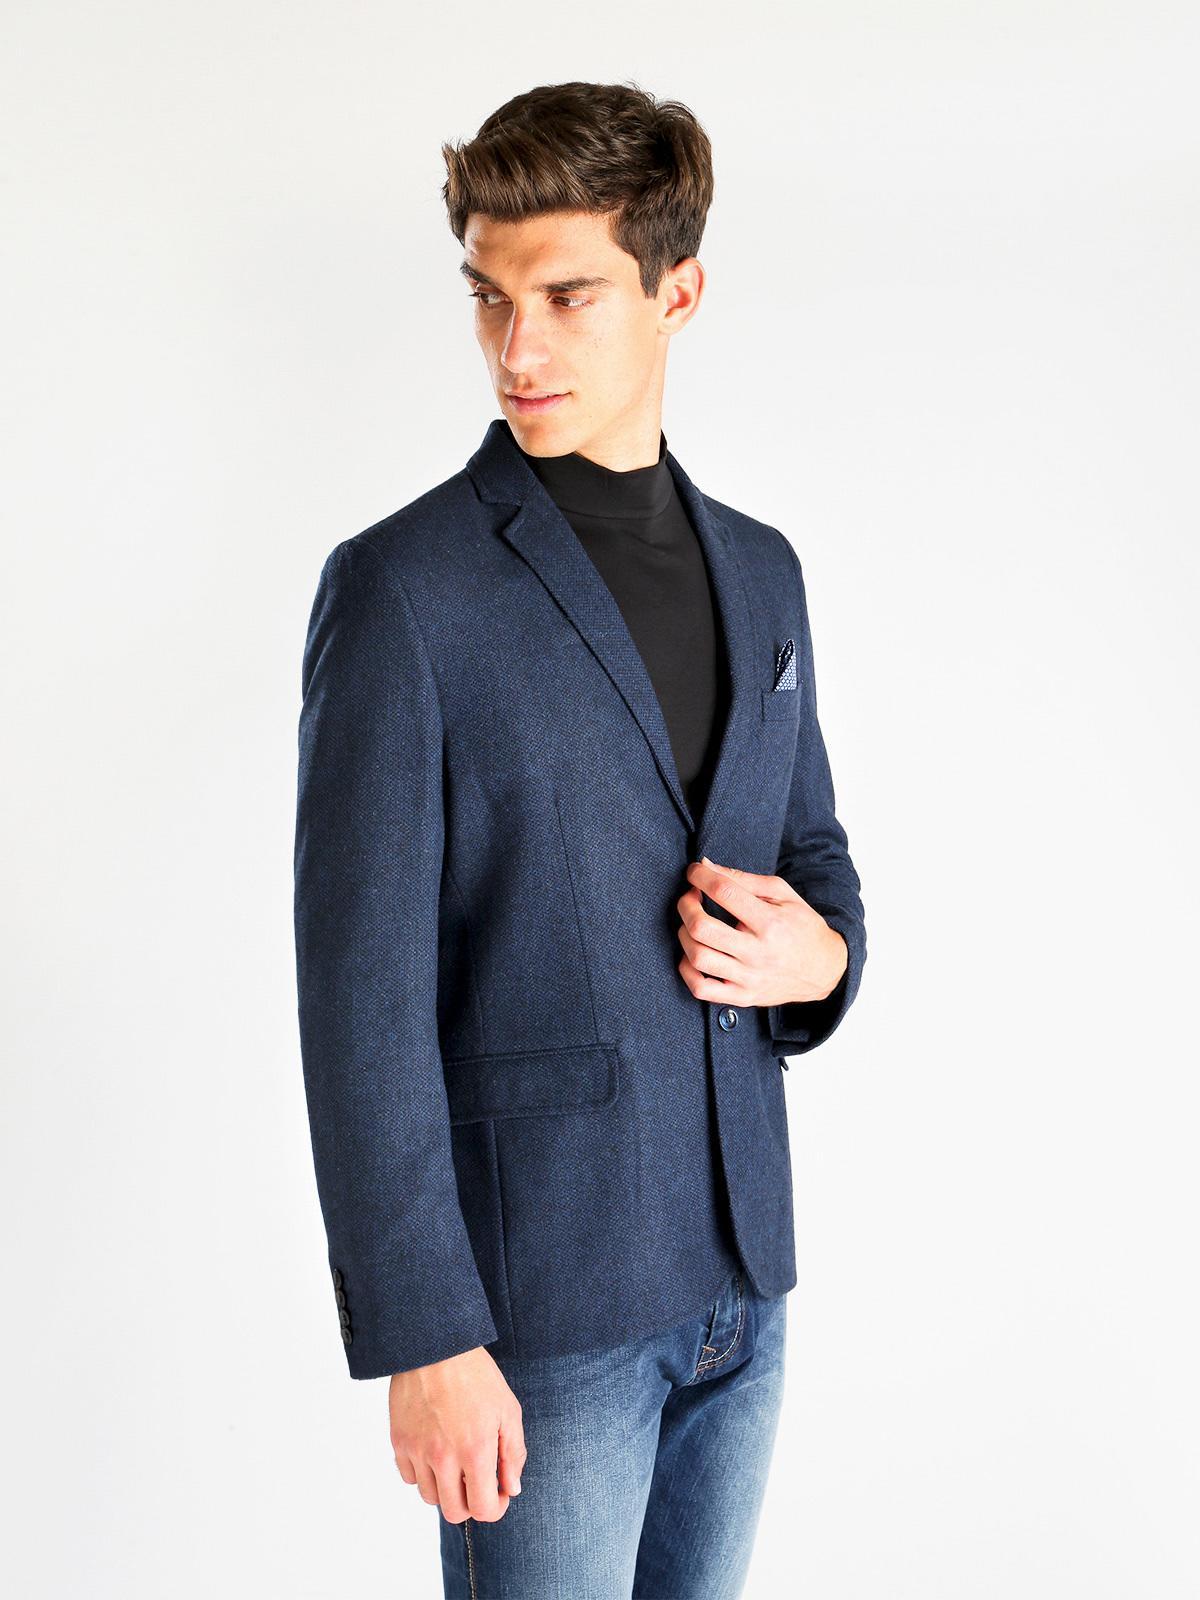 quality design 0ed9c bfbbc Giacca classica misto lana emporio | MecShopping